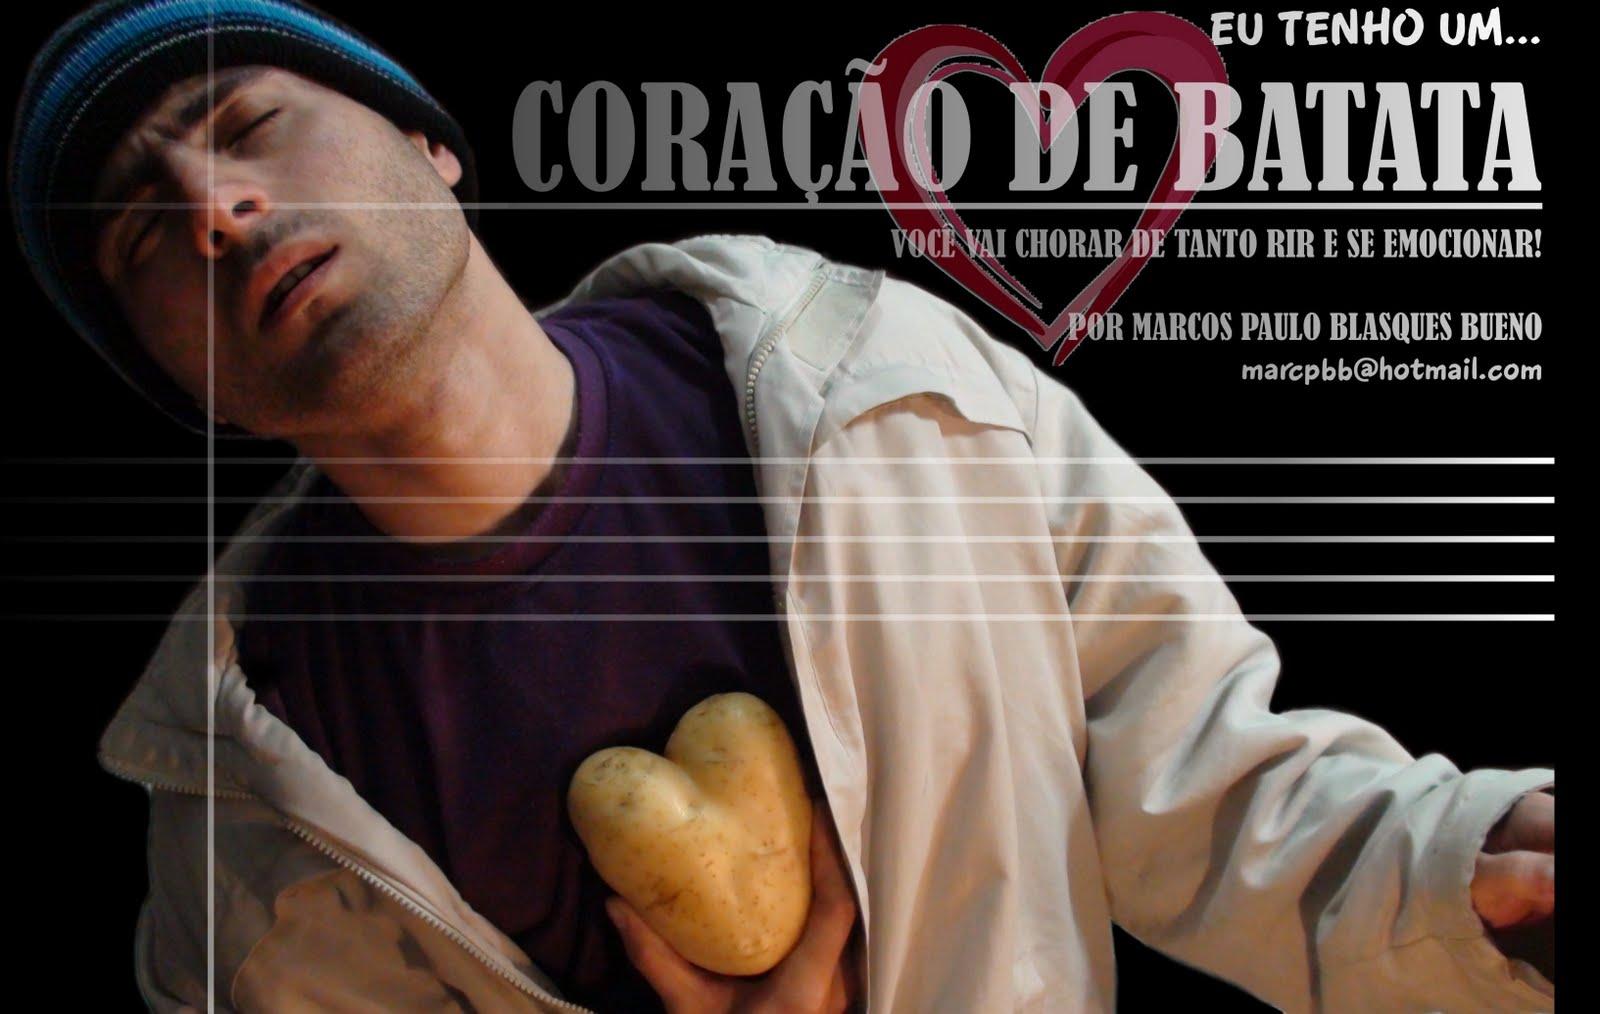 CORAÇÃO DE BATATA